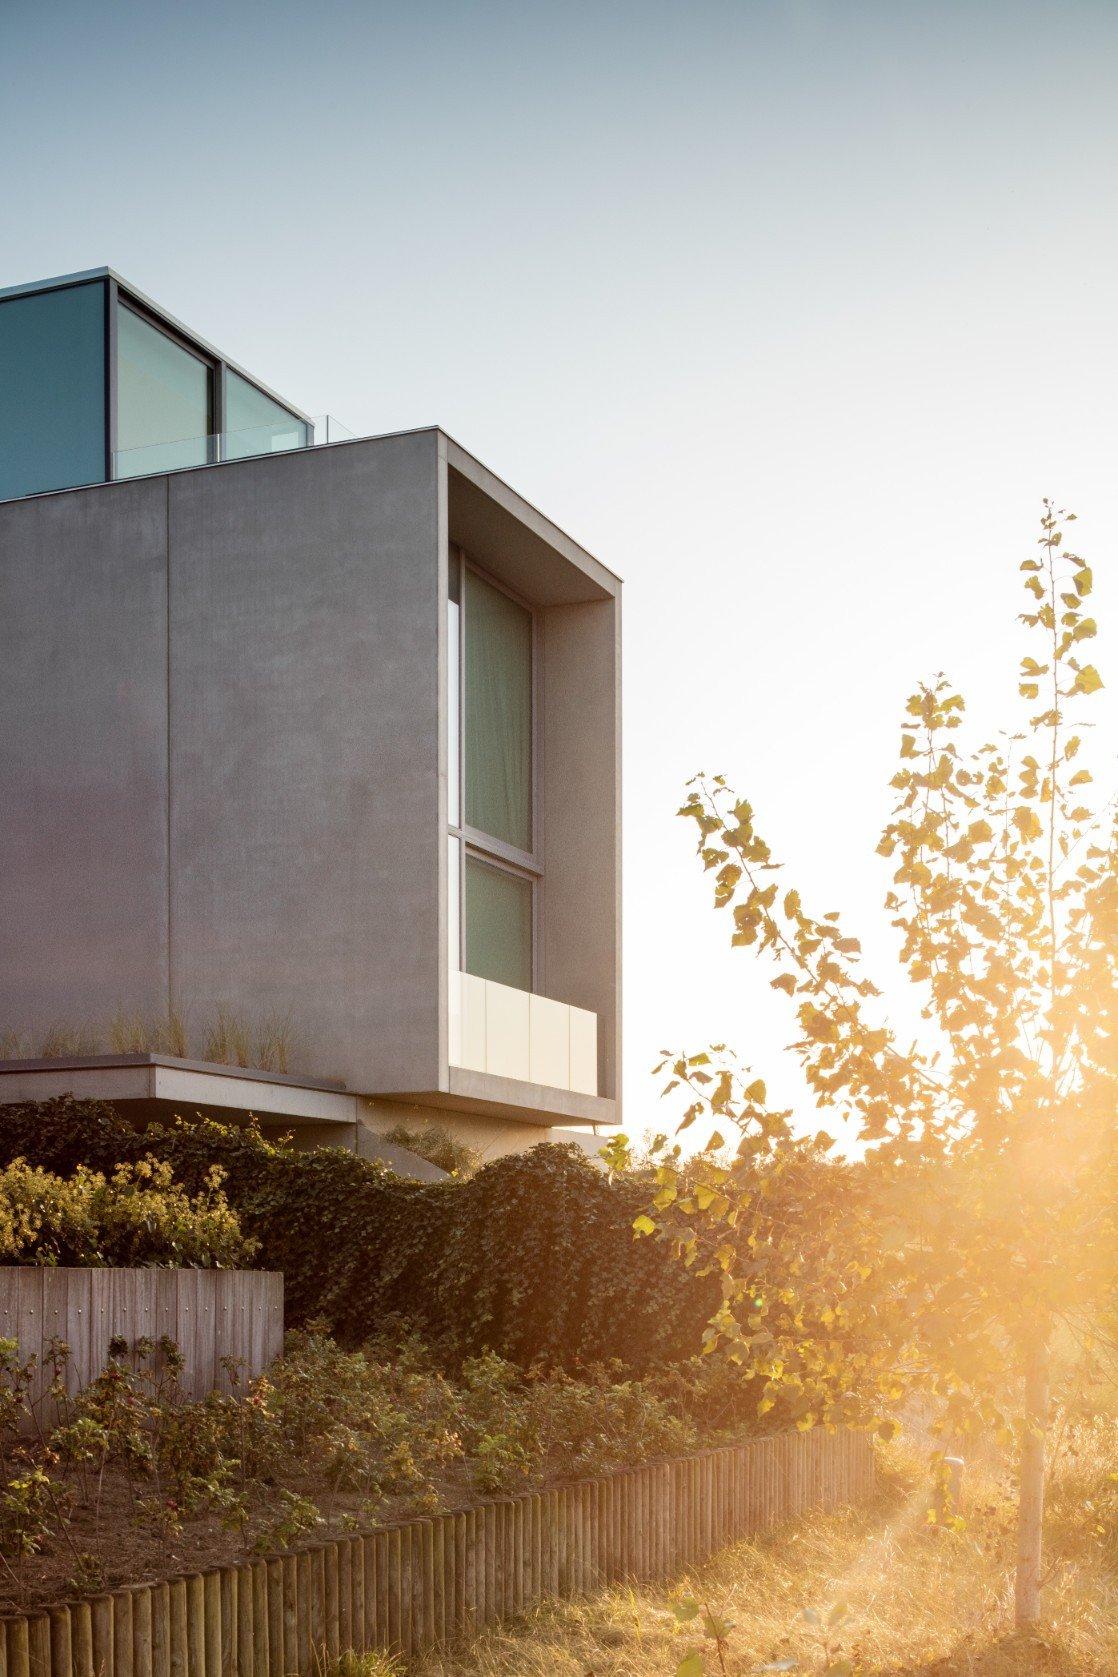 Rietveldprojects-saarinen-appartement-design-architectuur-kust-tvdv20.jpg